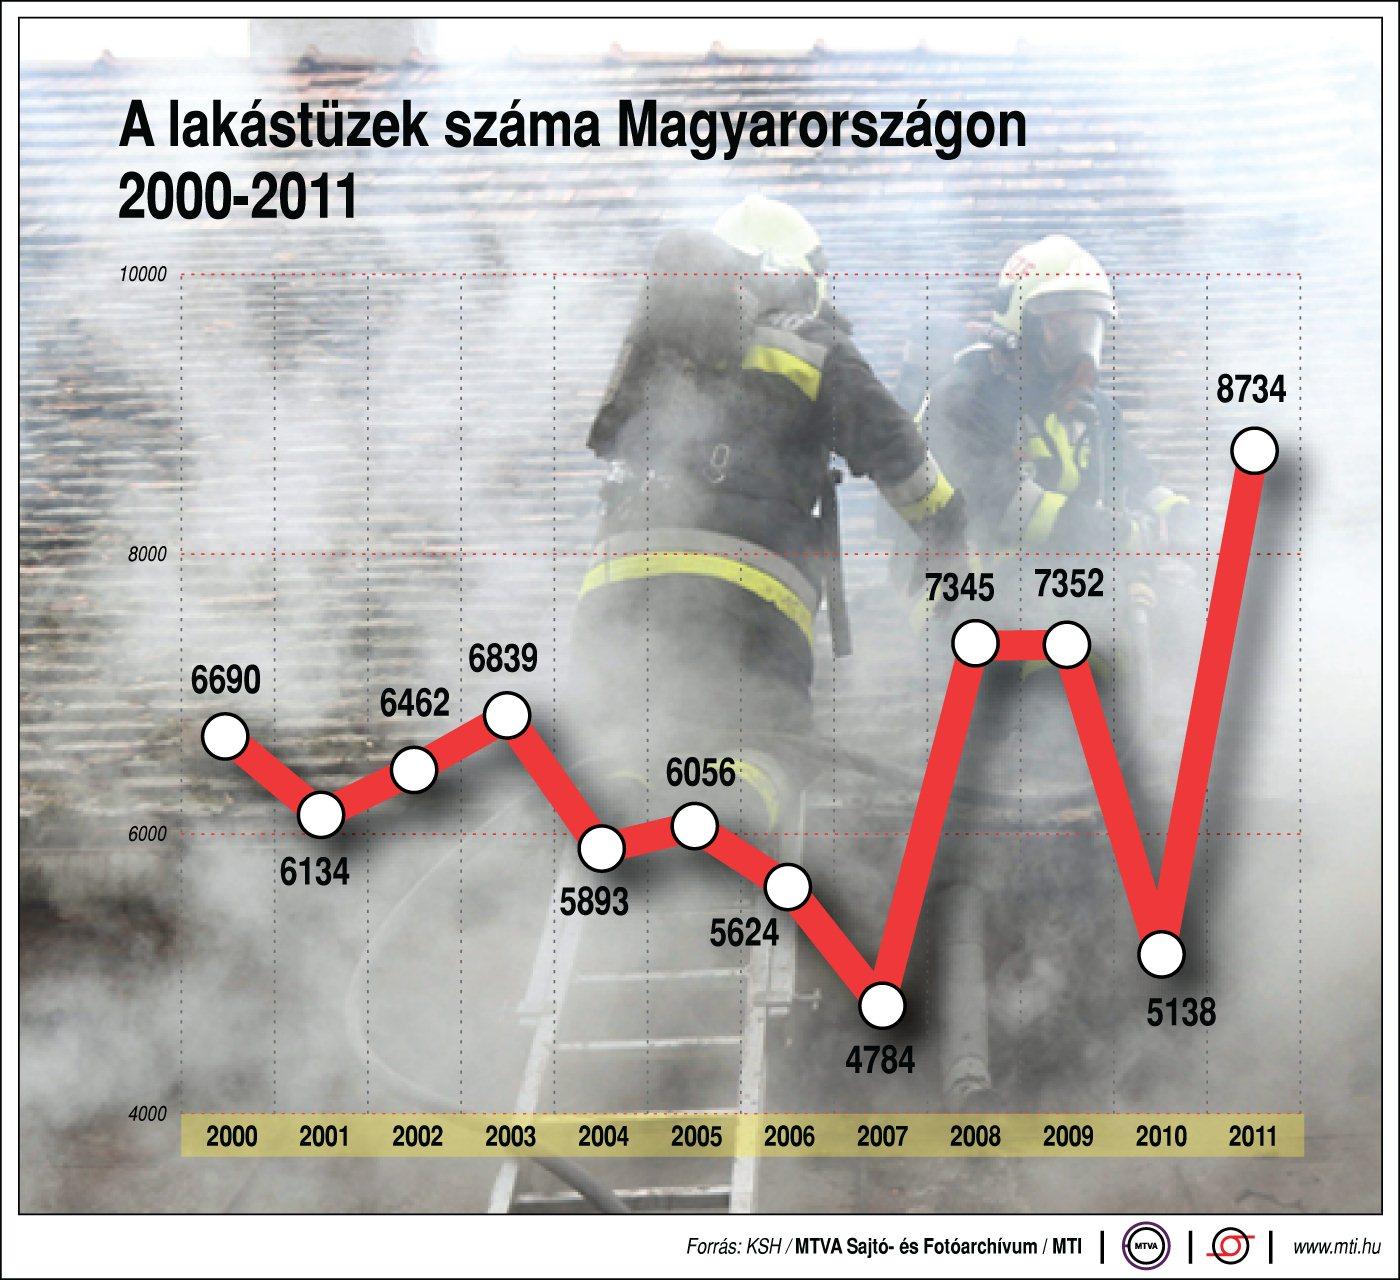 Lakástüzek száma Magyarországon